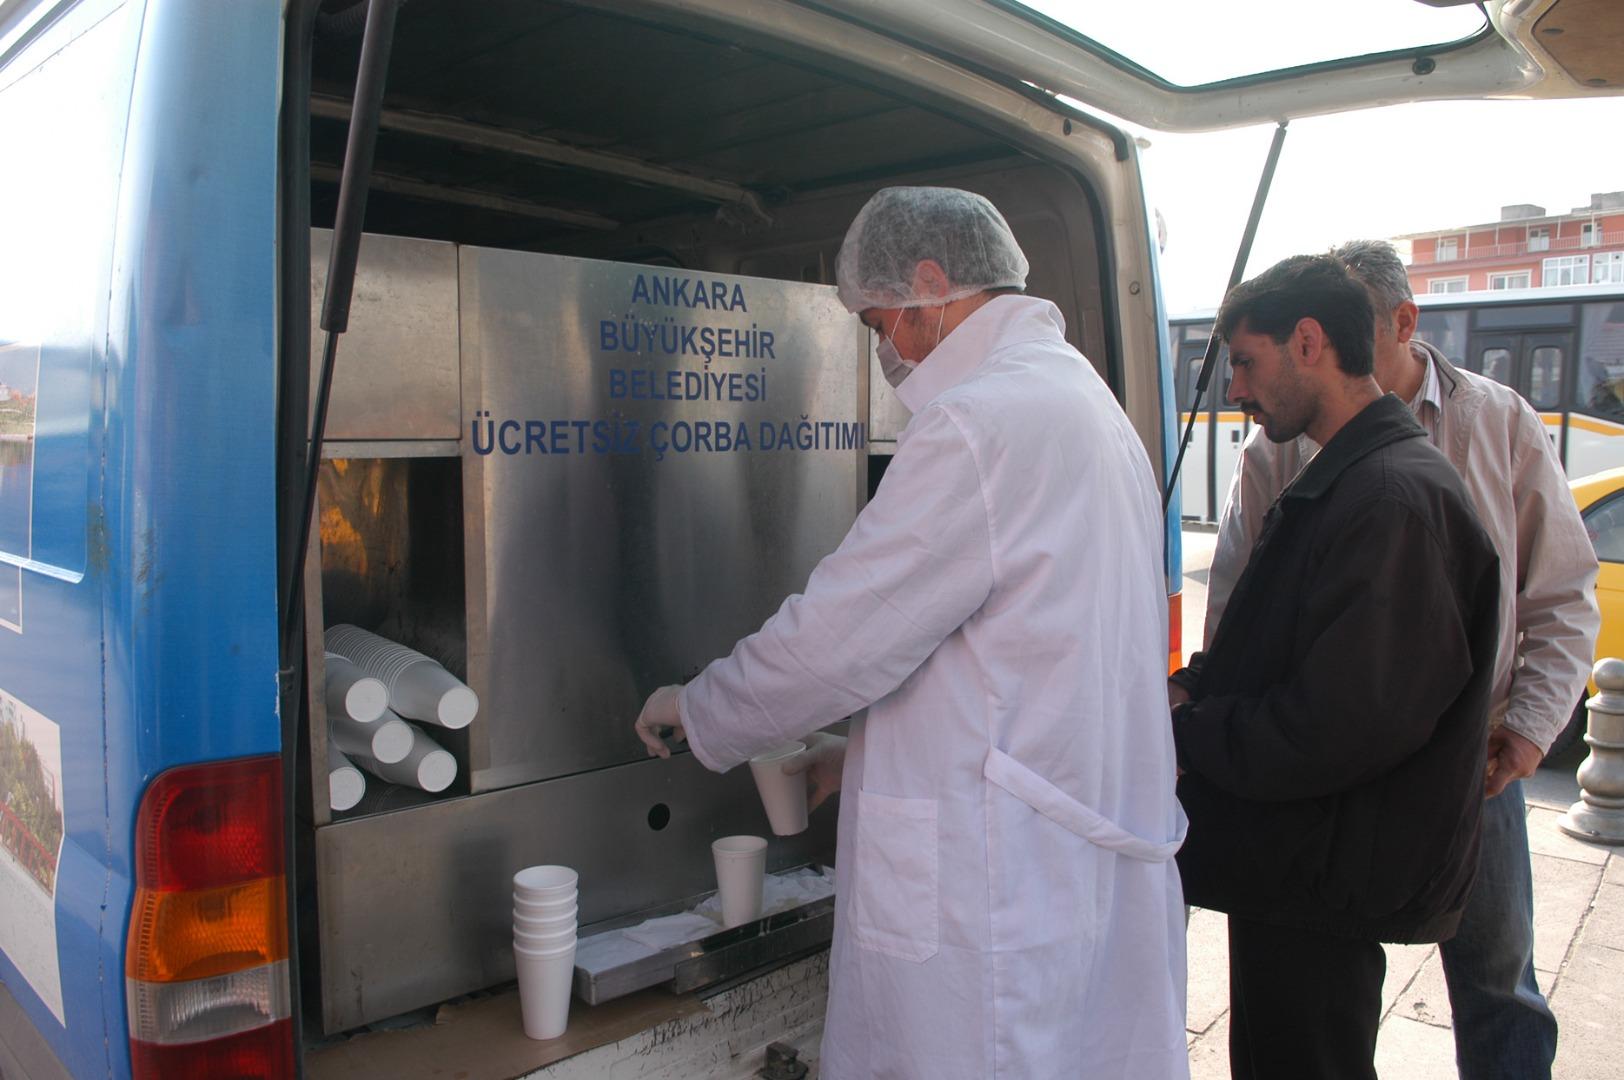 Mobil araçlarda sıcak çorba dağıtımı